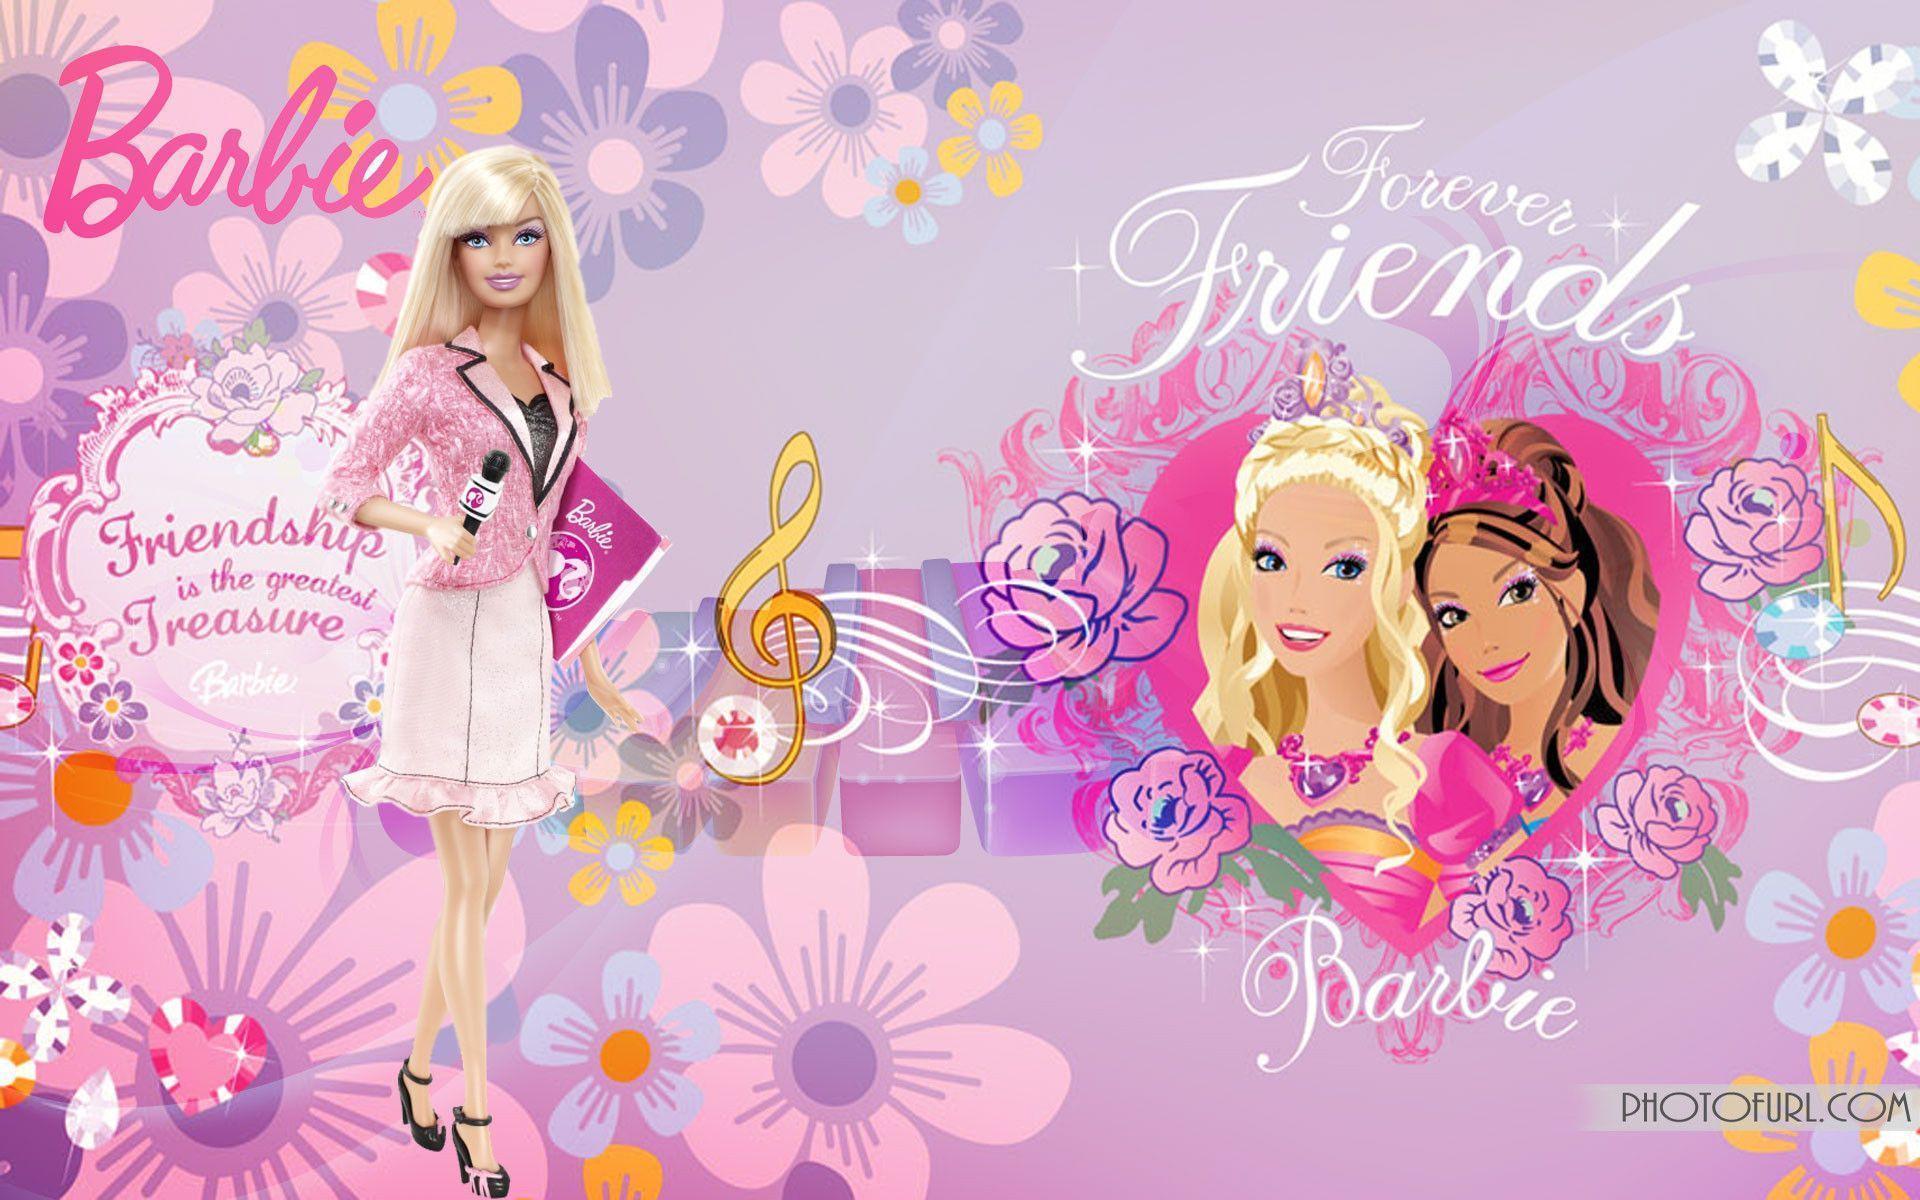 Fonds D'écran Barbie - Barbie Wallpaper Background , HD Wallpaper & Backgrounds